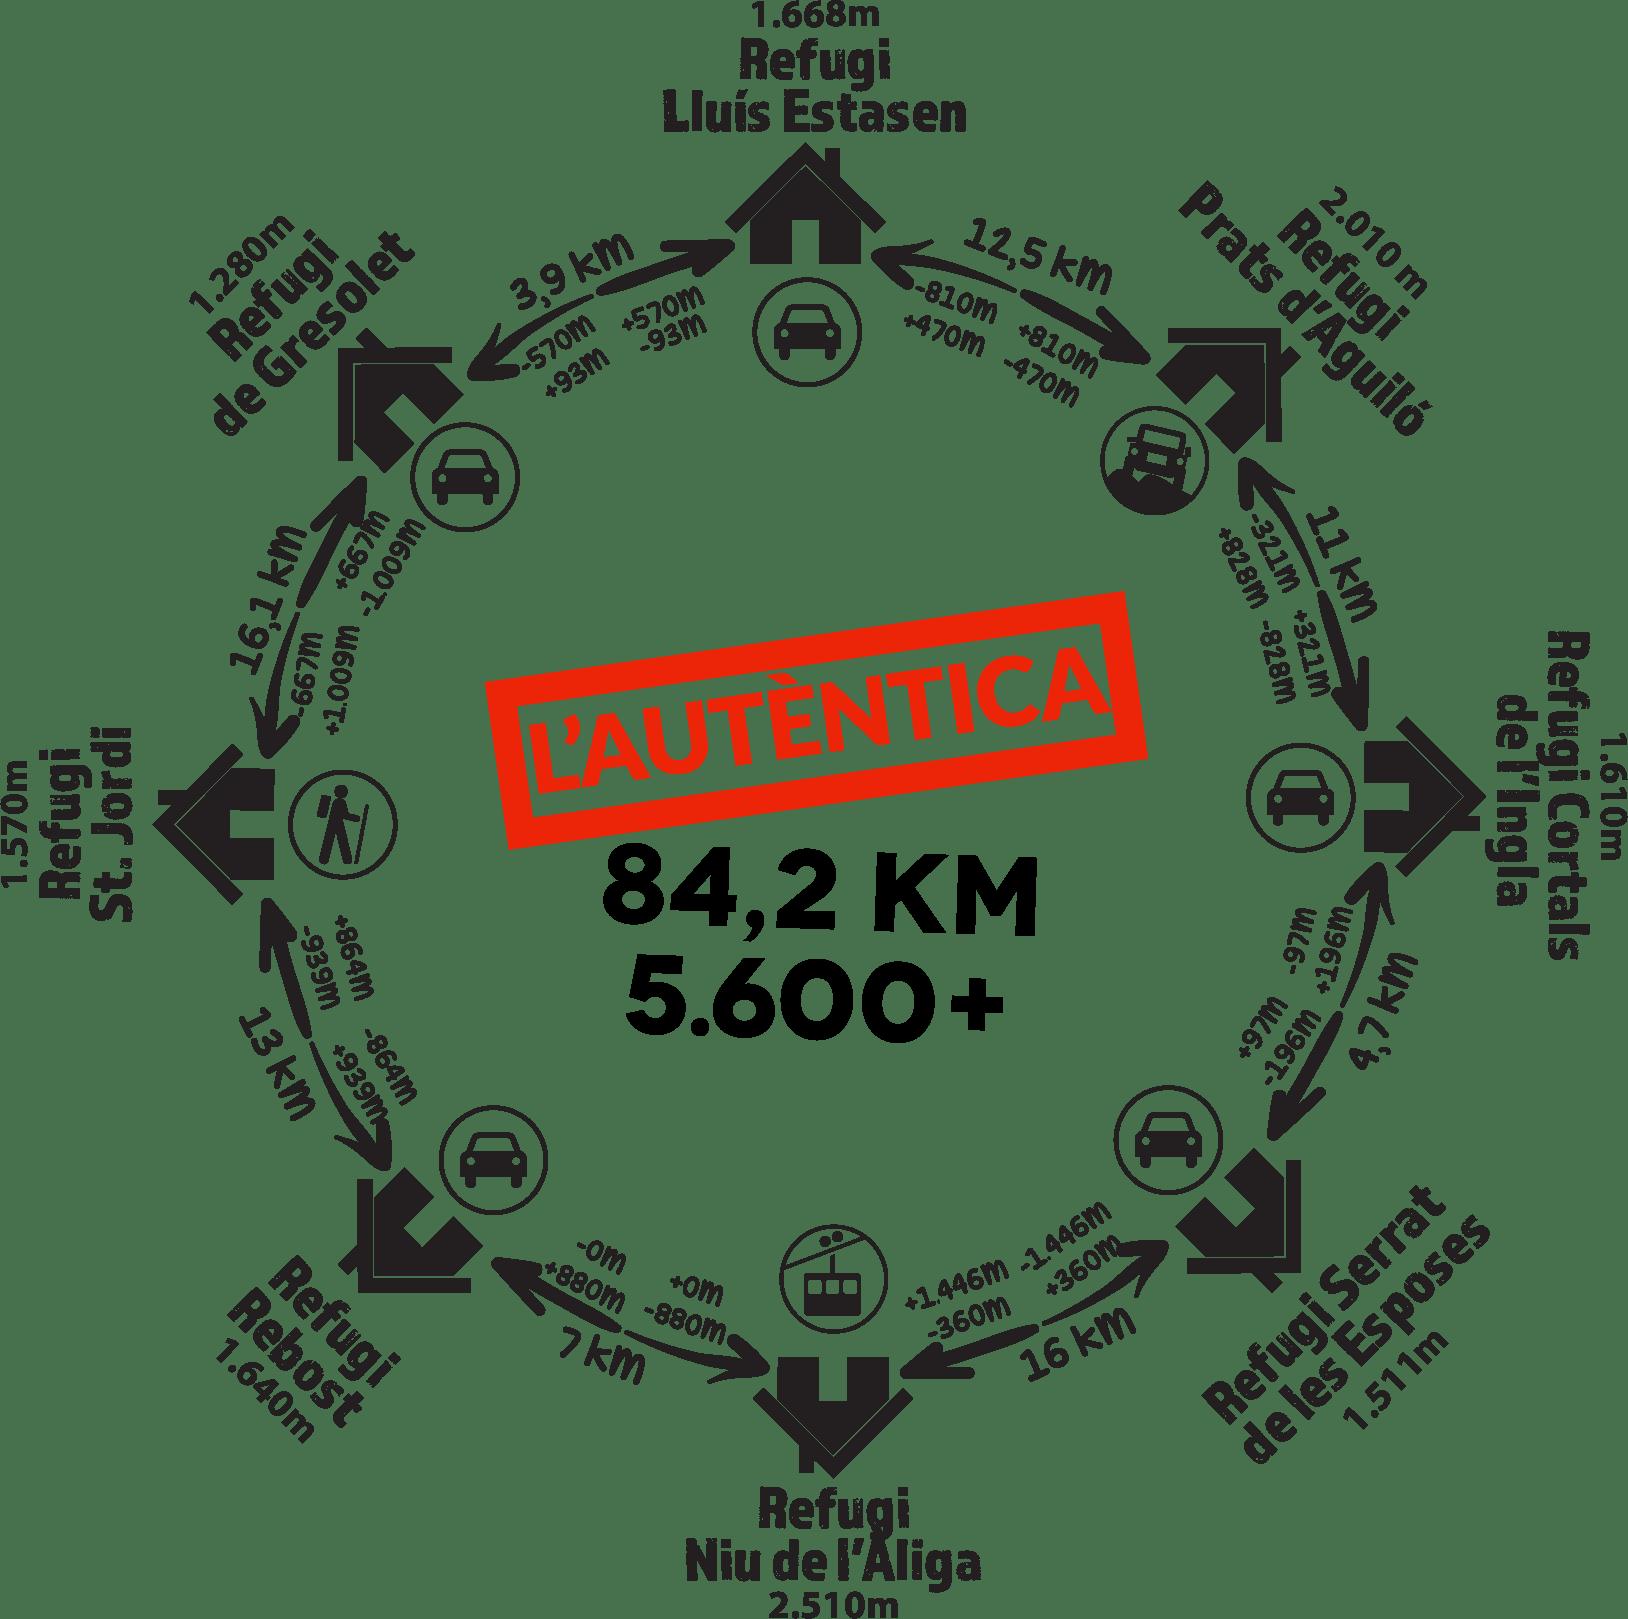 TRAVESIAS DE VERANO: CAVALLS DEL VENT